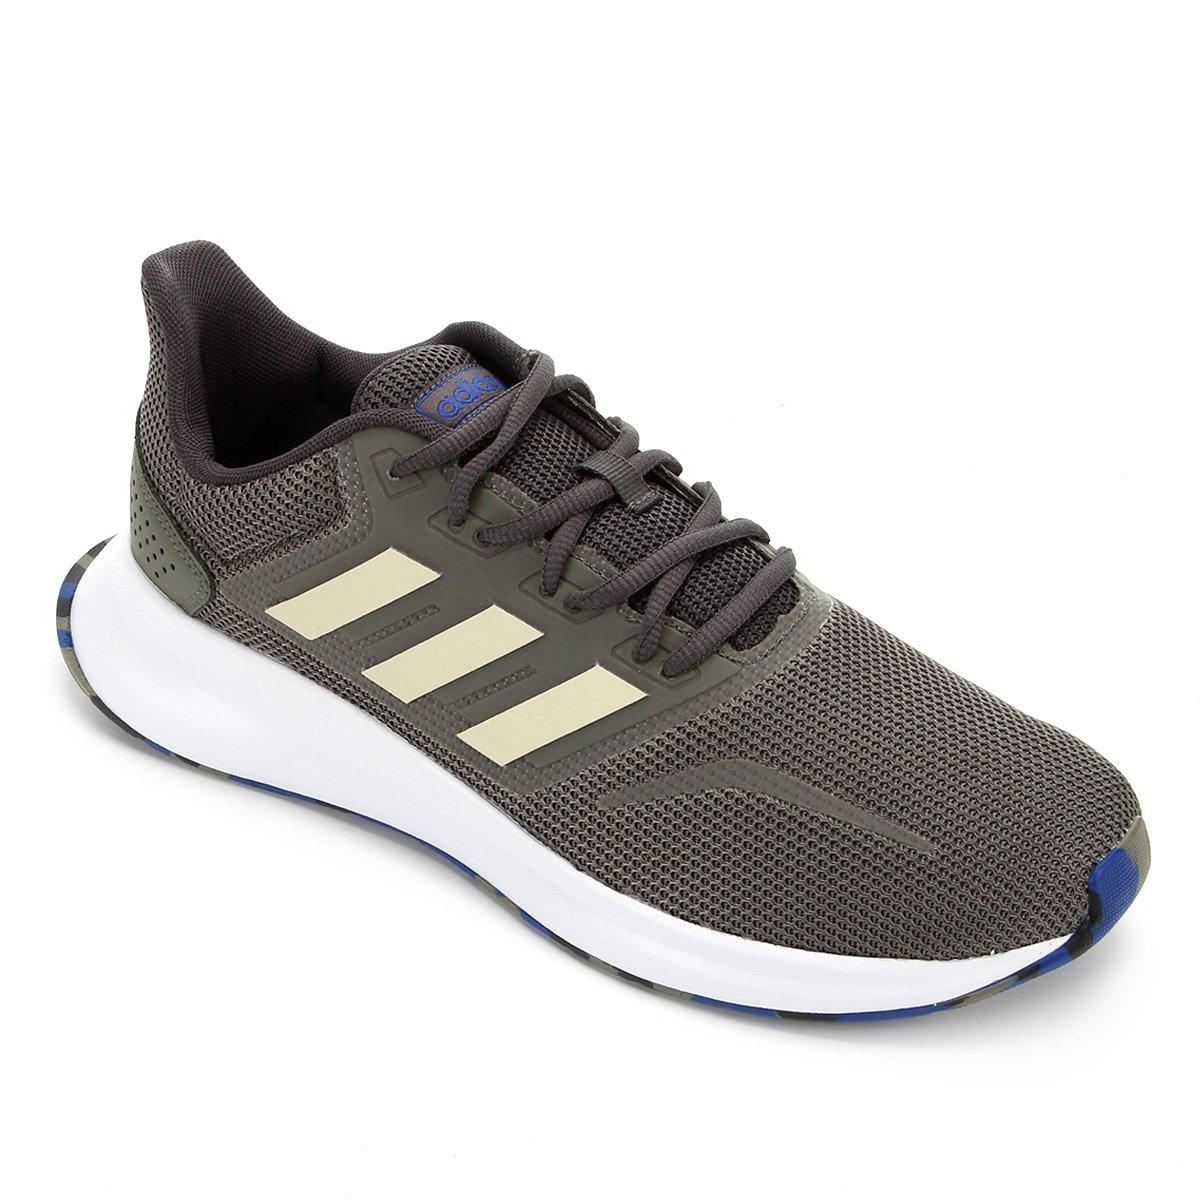 adidas - Zattini - Tênis Adidas Run Falcon - R$159,99